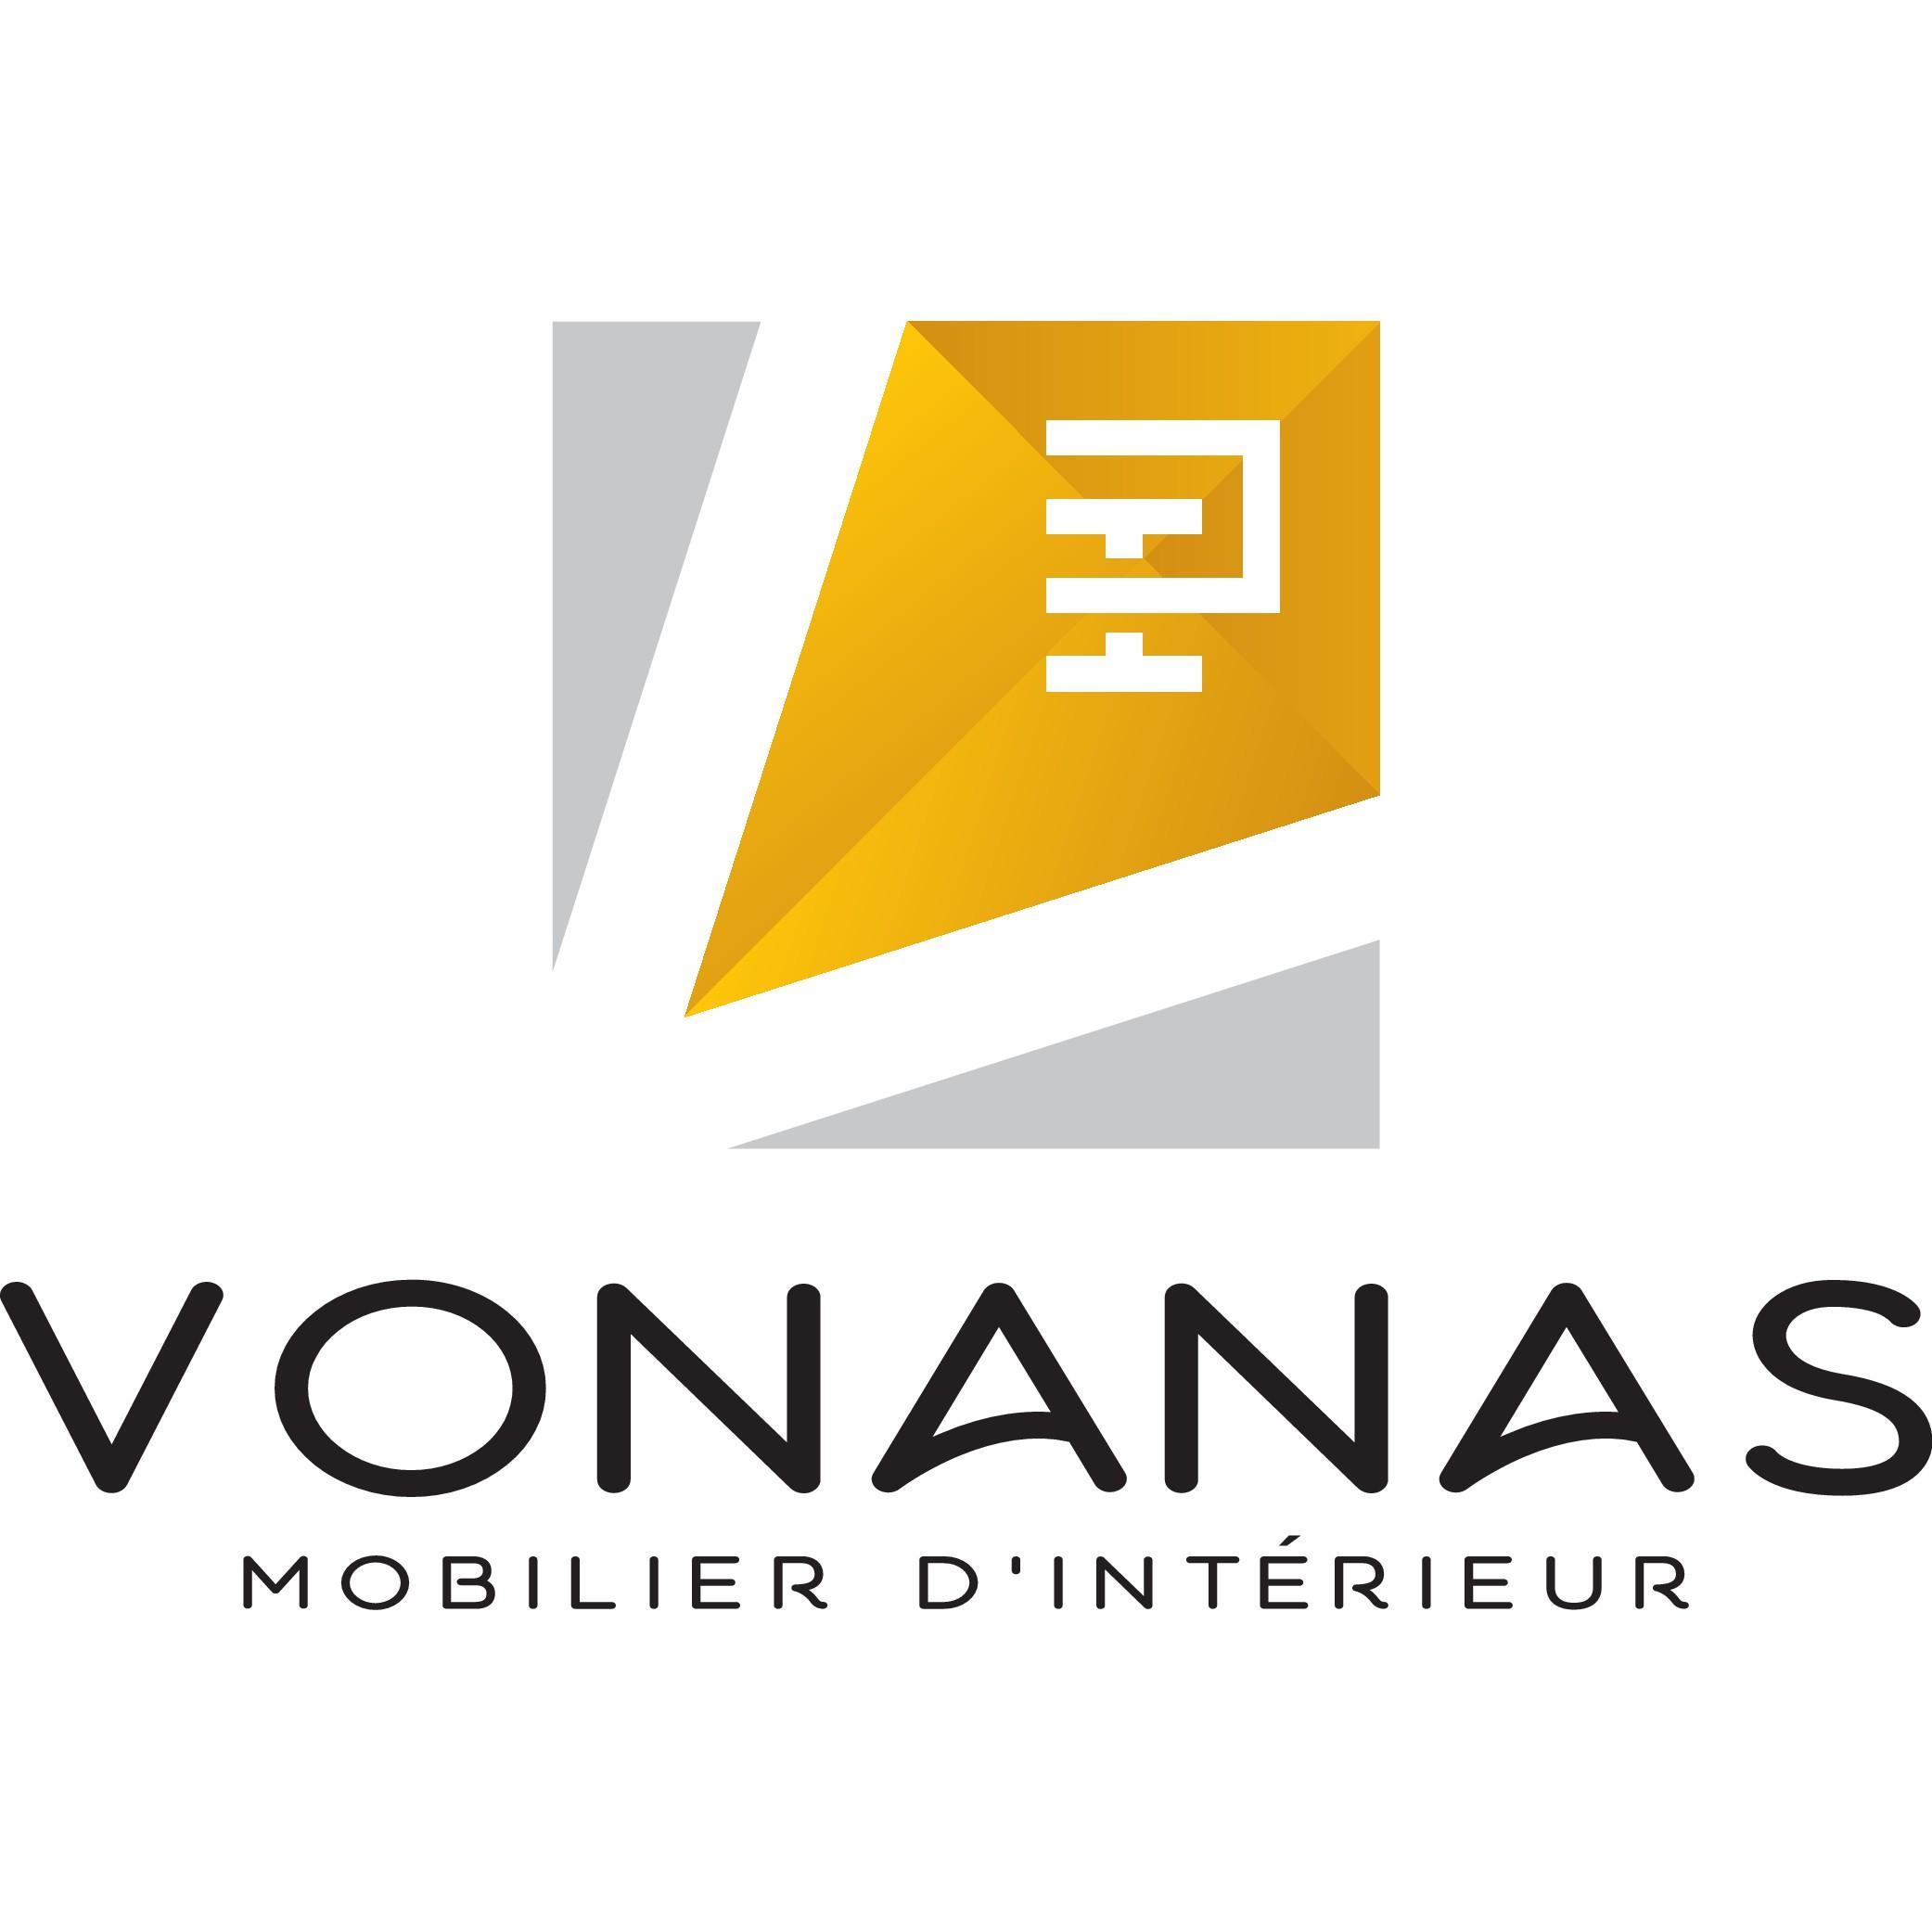 VONANAS à la recherche d'un logo type industriel et moderne